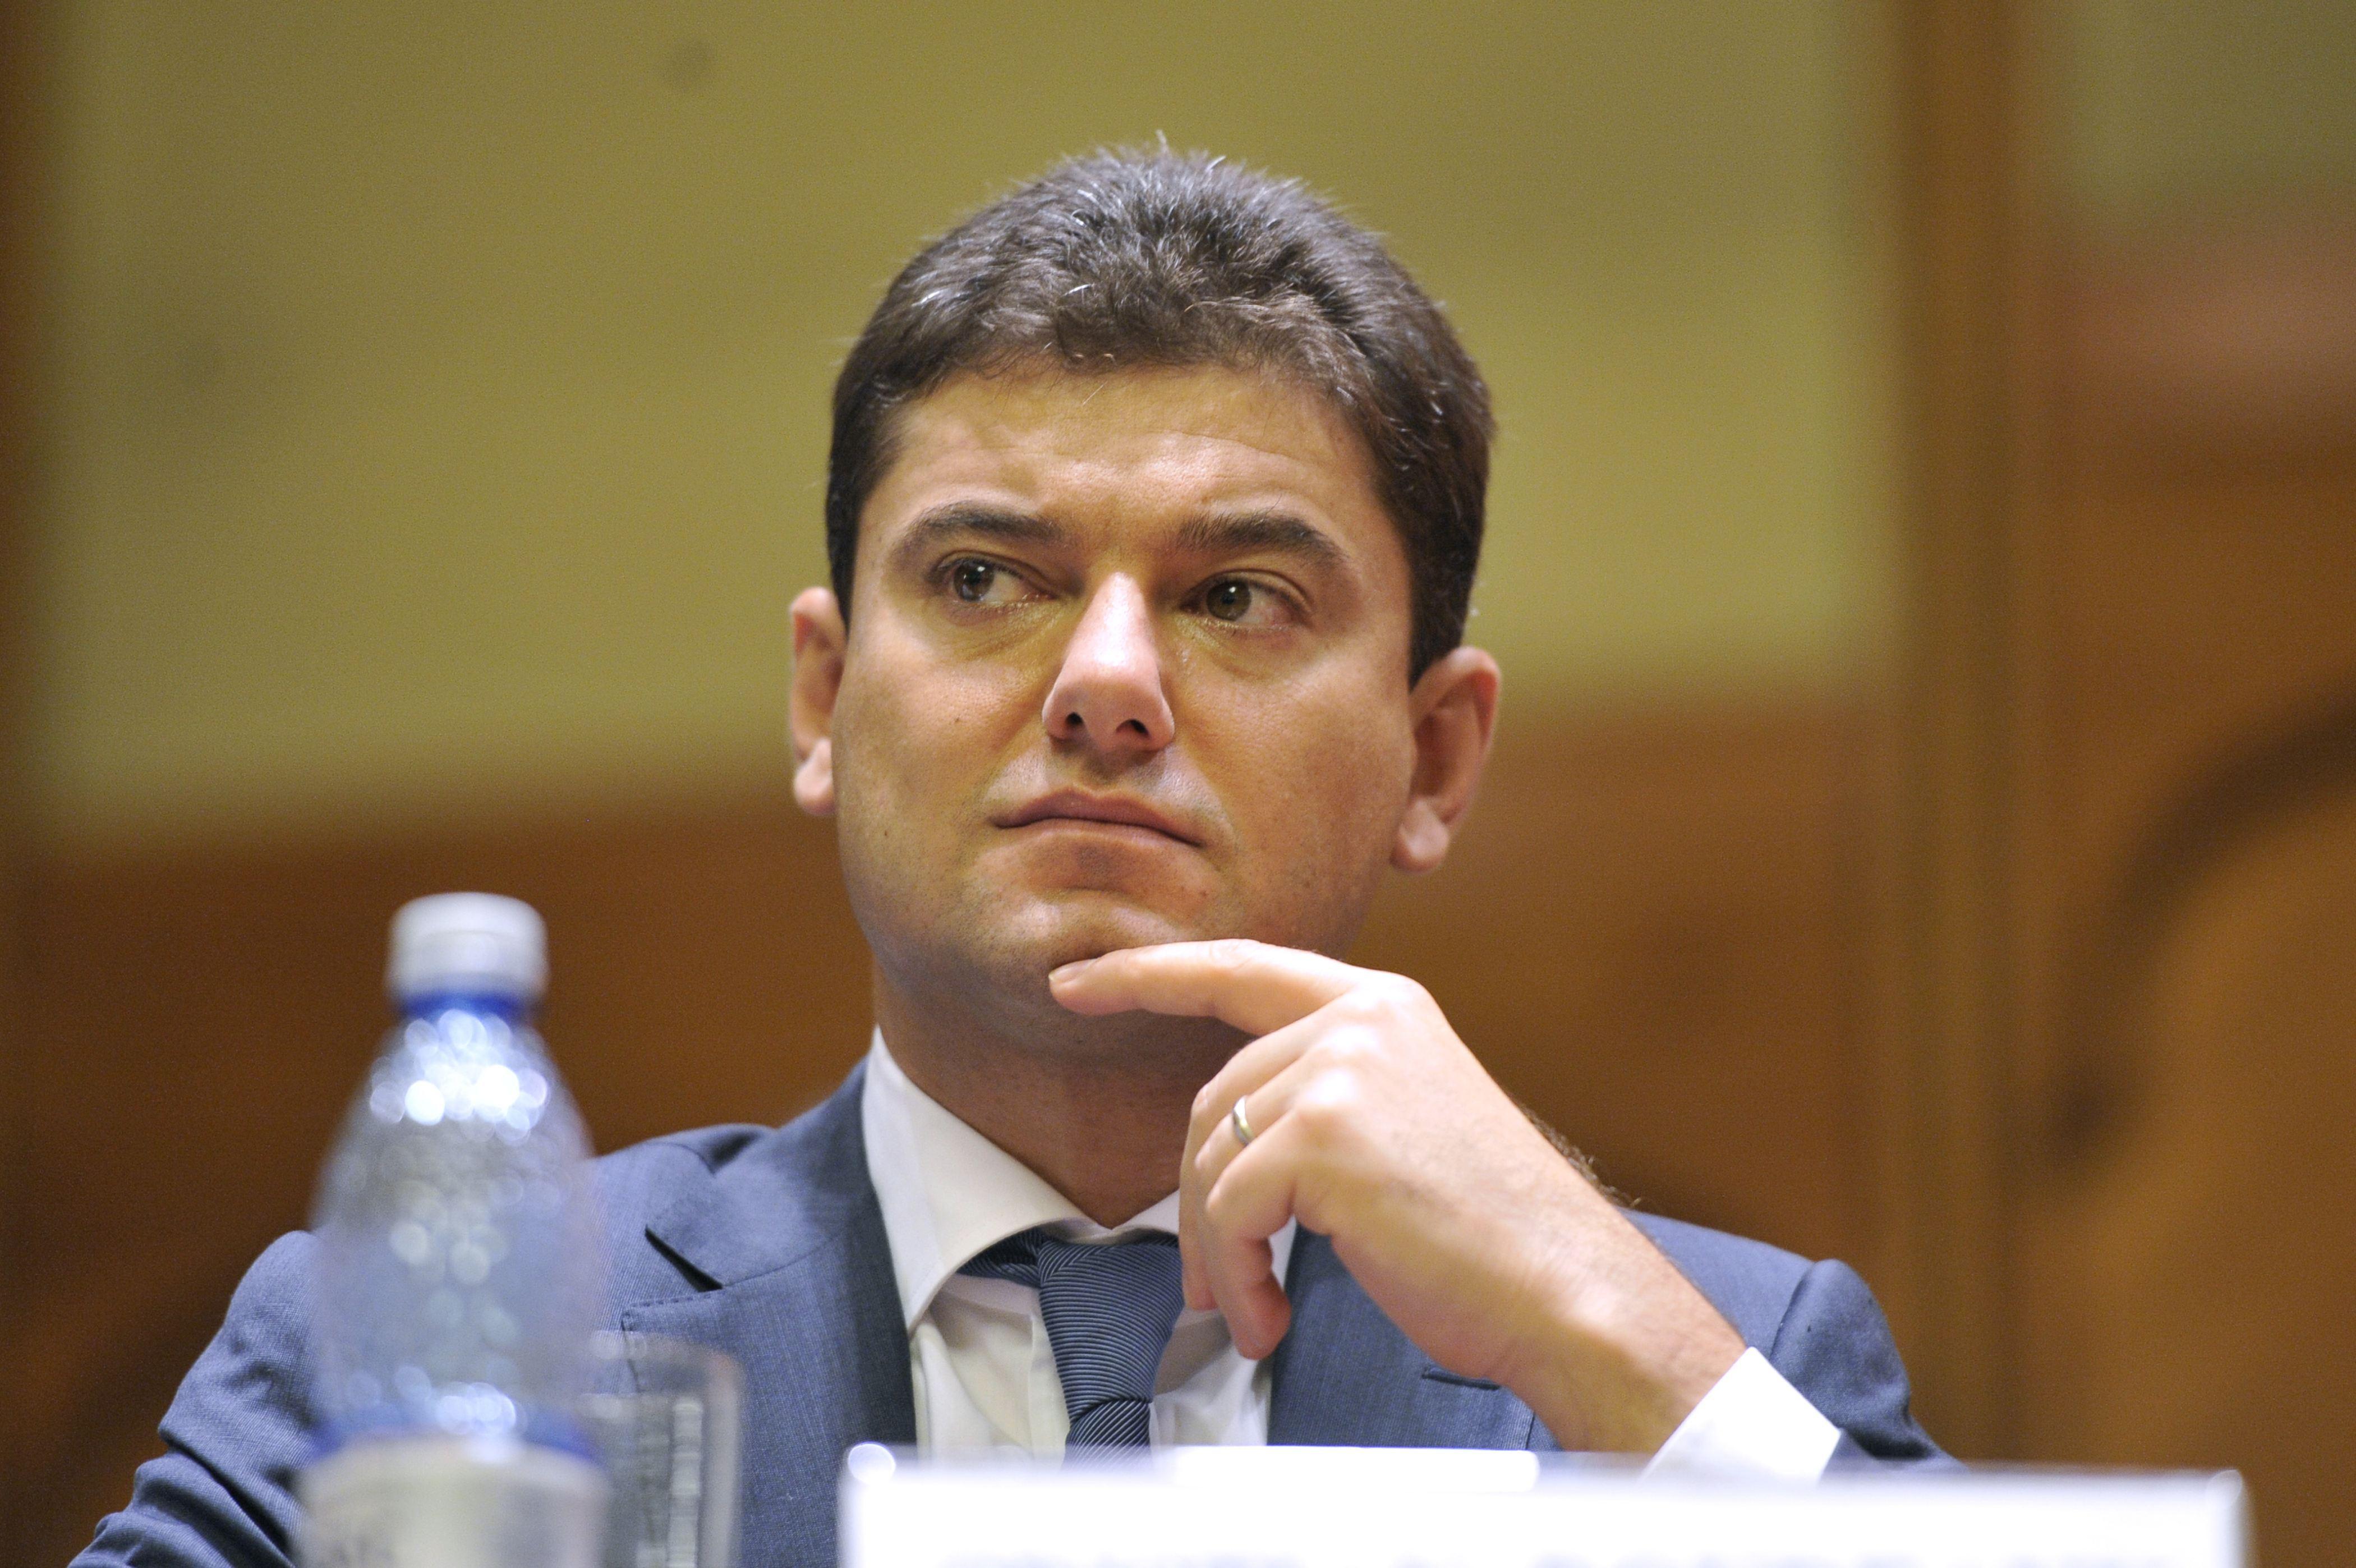 Cristian Boureanu, dosar penal pentru ultraj. Fostul deputat a lovit un poliţist, după care a adormit în secţia de poliţie